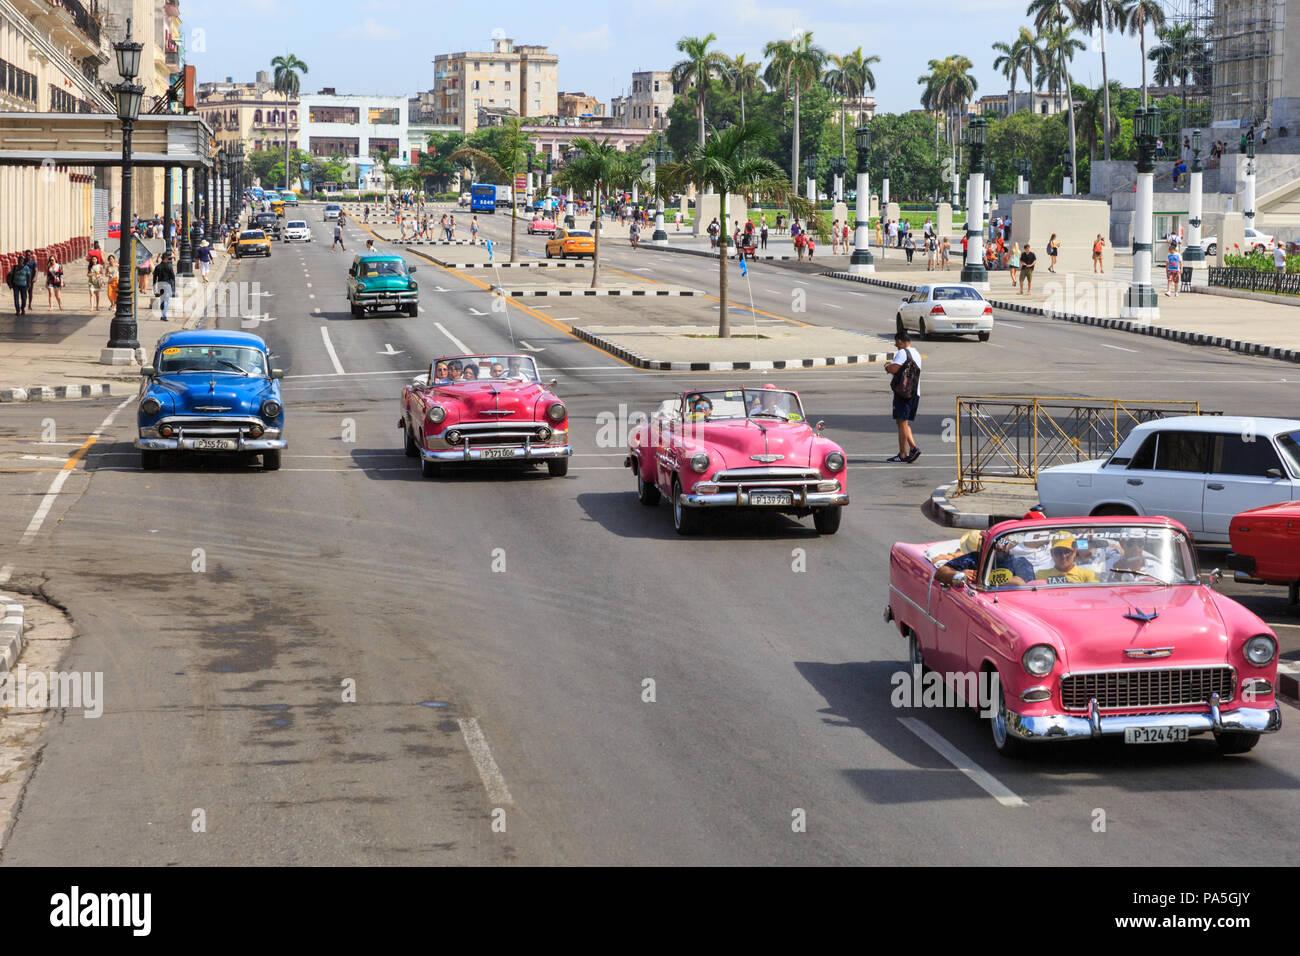 Coches clásicos americanos, vintage taxis llevando turistas y visitantes en el Paseo de Martí, en La Habana, Cuba Imagen De Stock